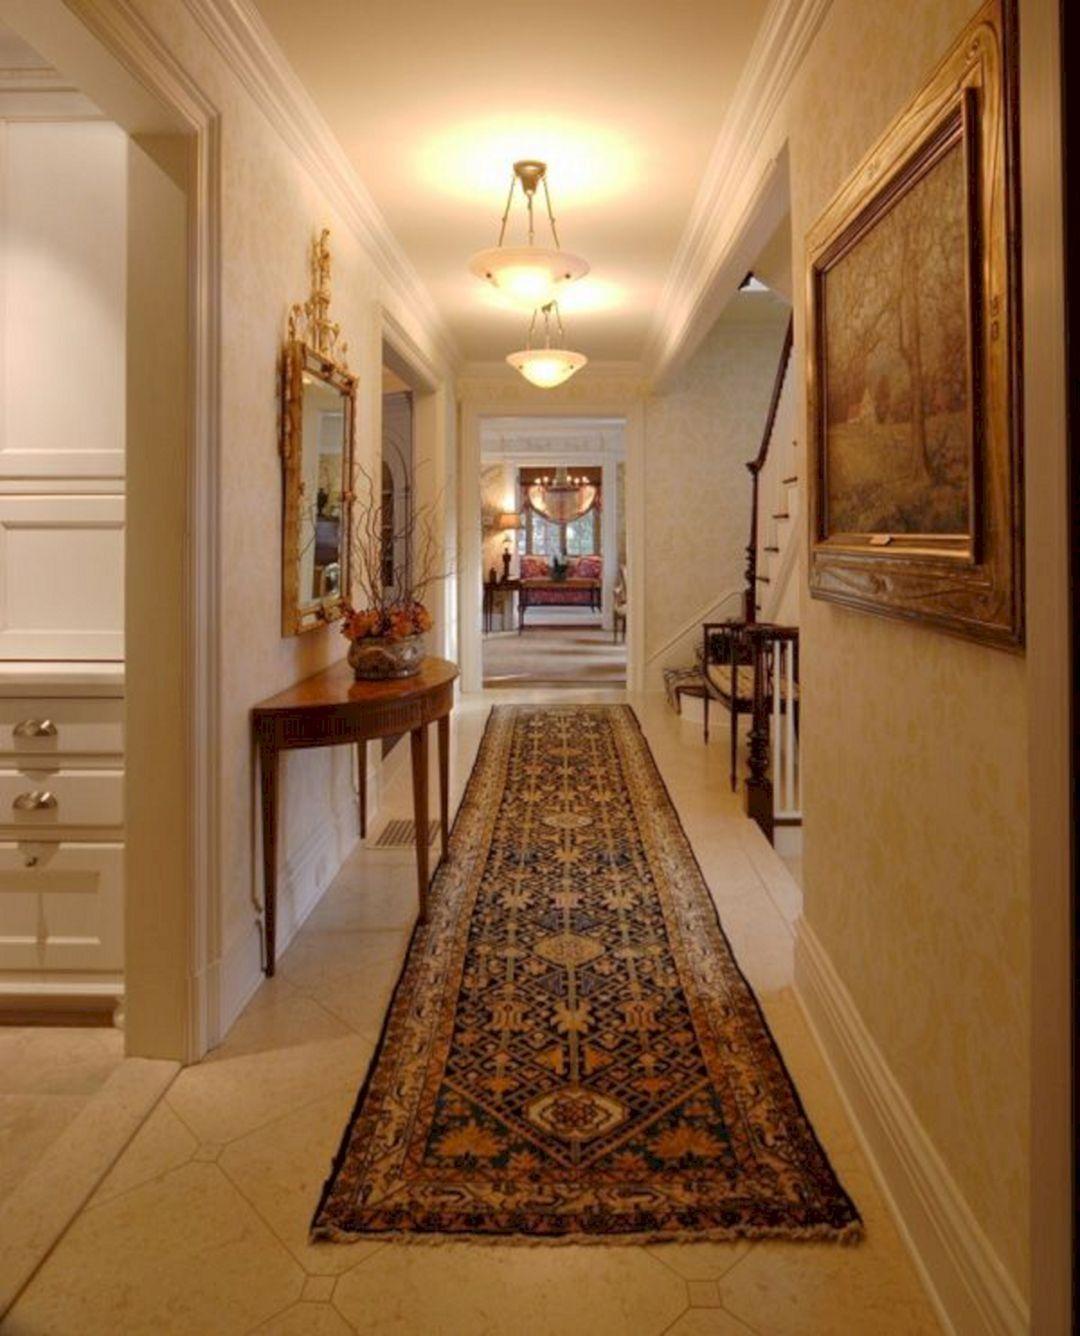 20+ Marvelous Home Corridor Design Ideas That Looks Modern